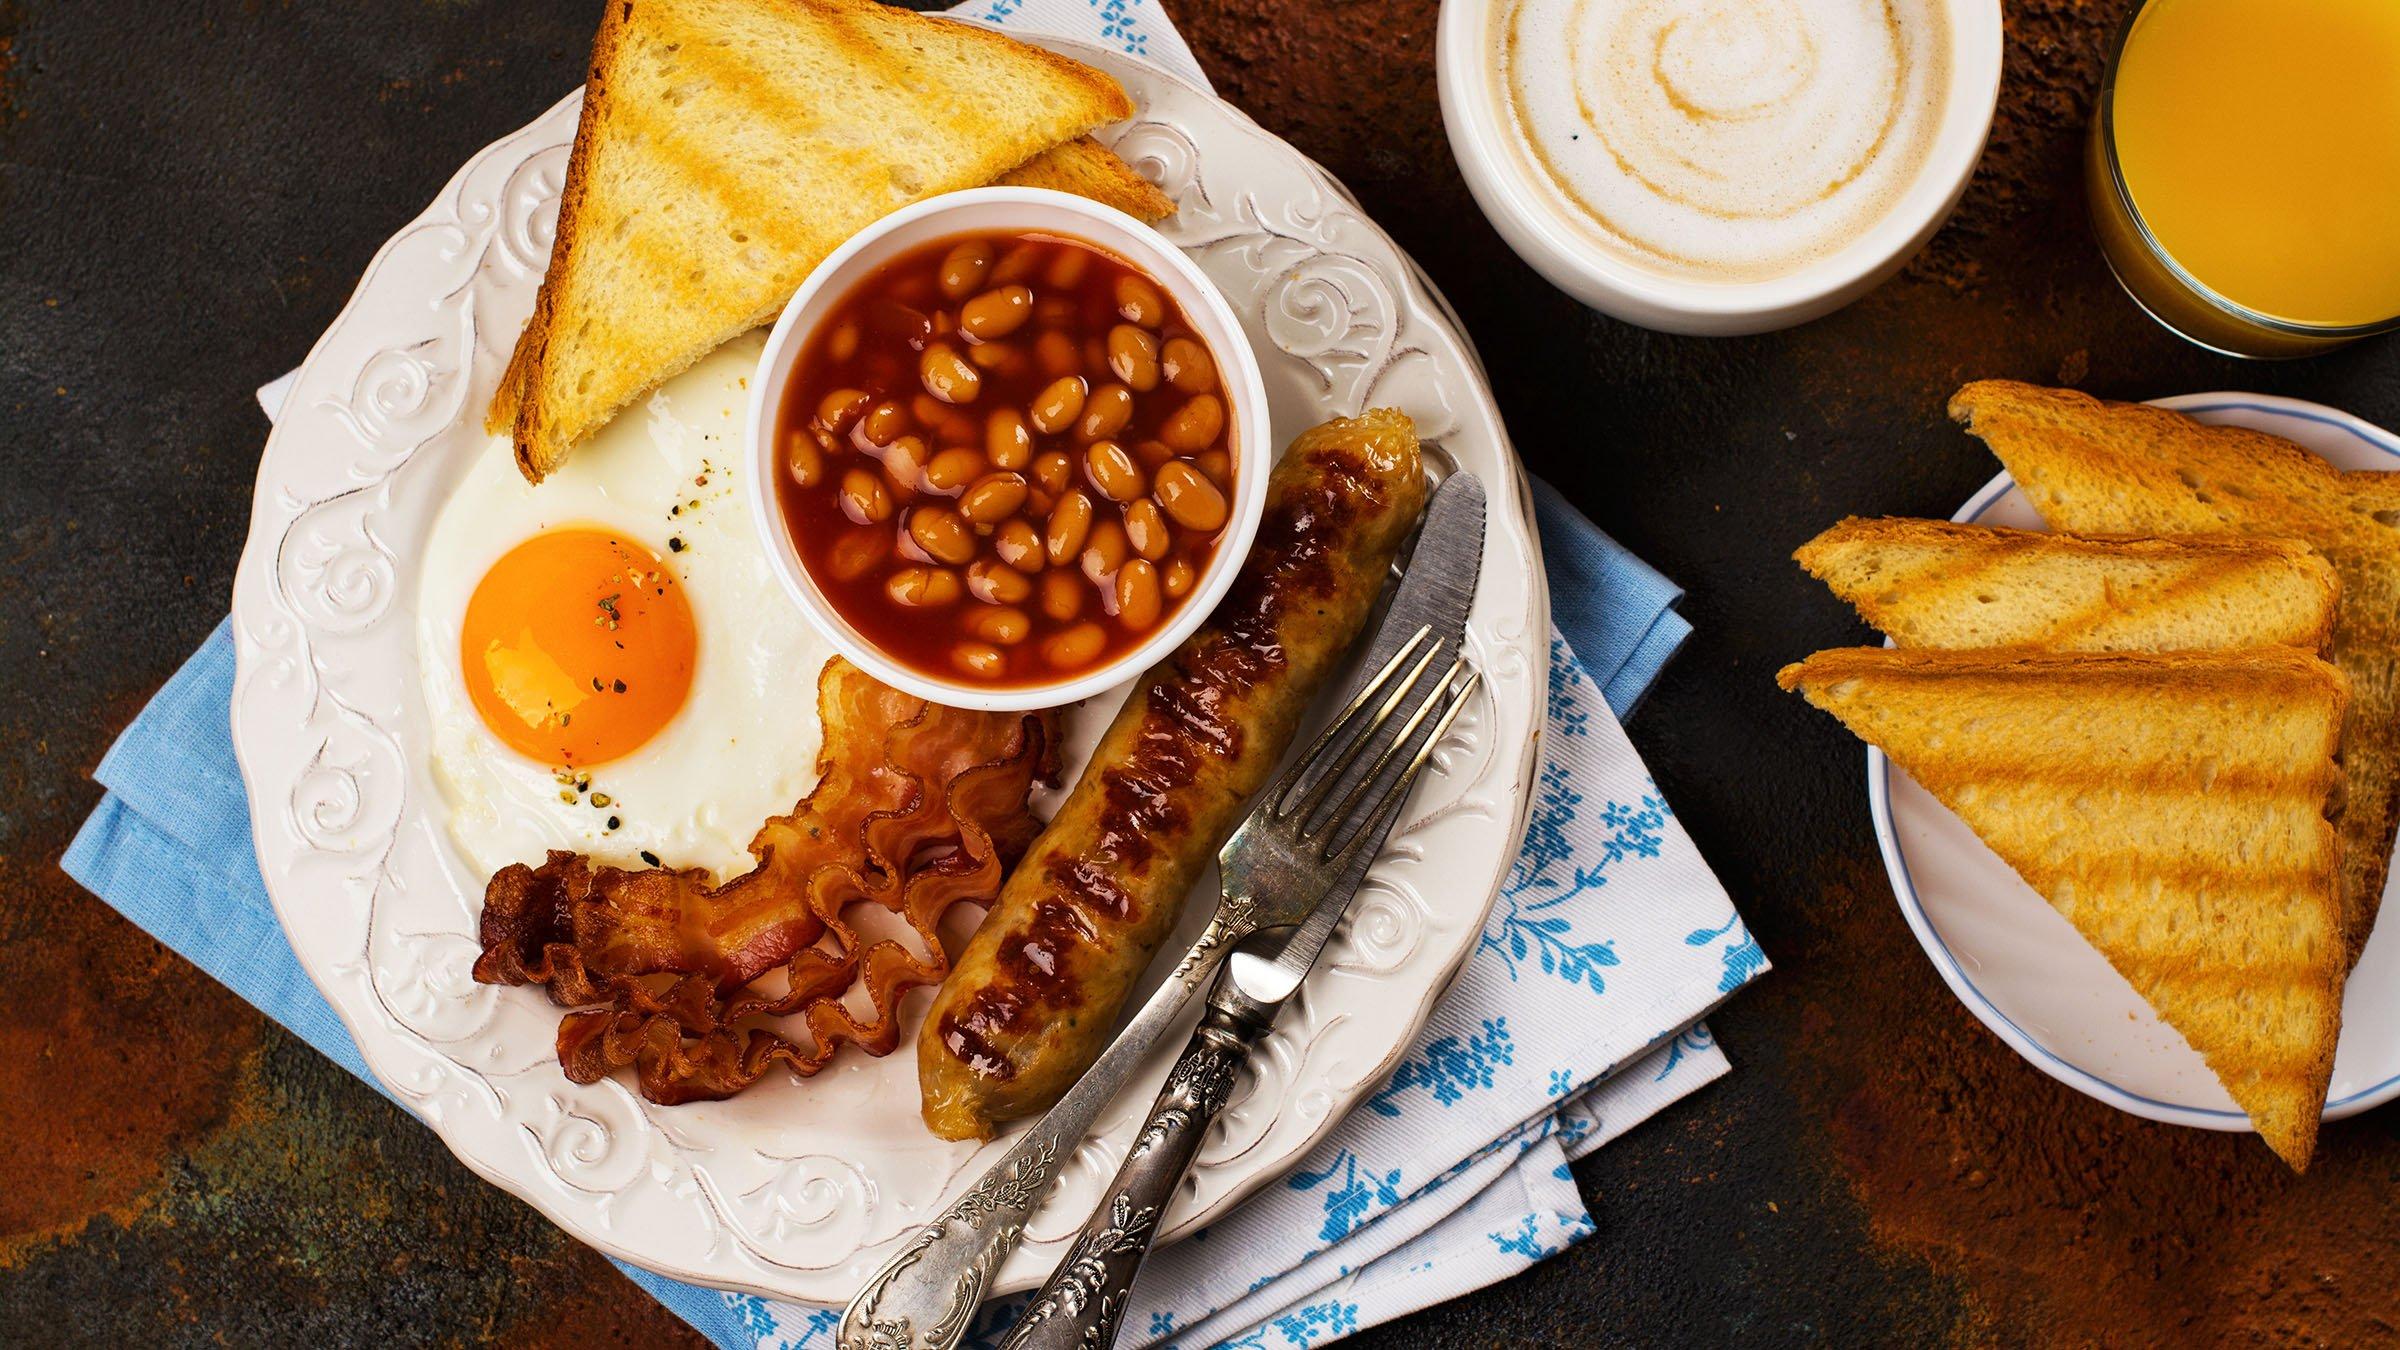 Gastronomía inglesa desayuno inglés